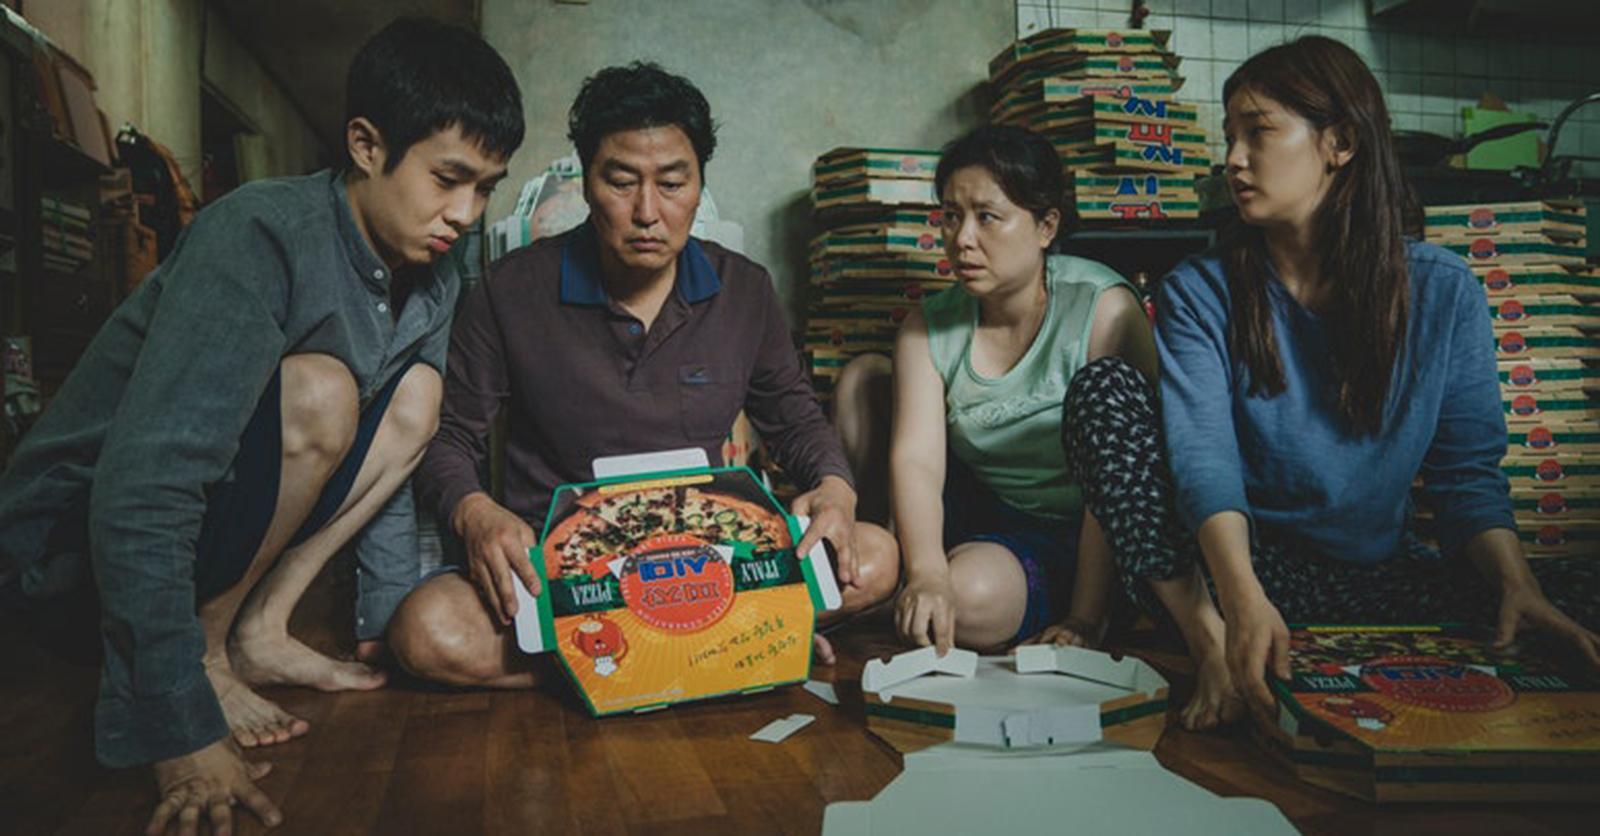 La familia Kim dobla cajas de pizza para ganar algo de dinero